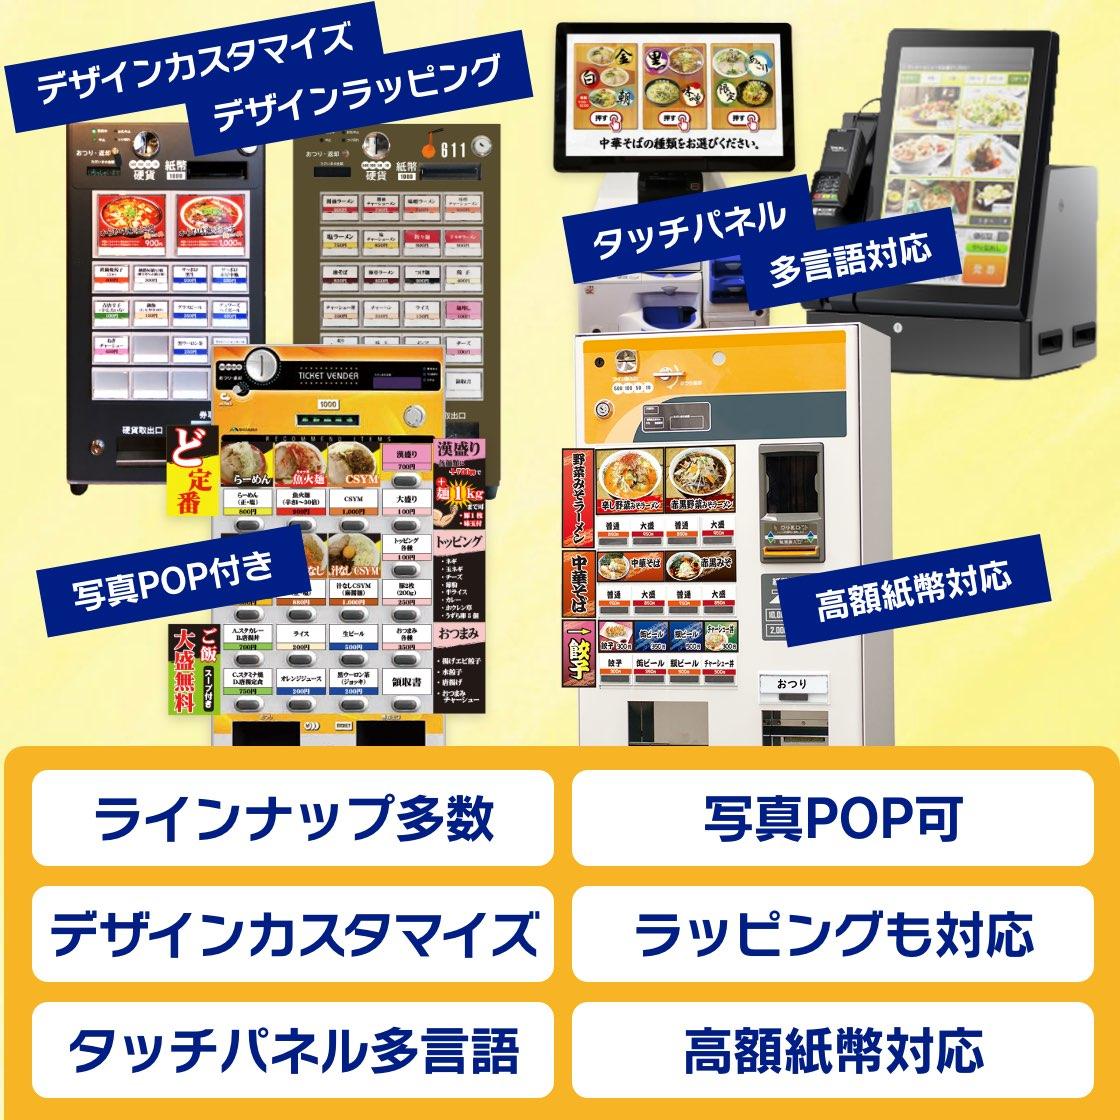 ラインナップ多数/写真POP可/デザインカスタム/ラッピング/液晶タッチパネル多言語券売機/高額紙幣対応券売機